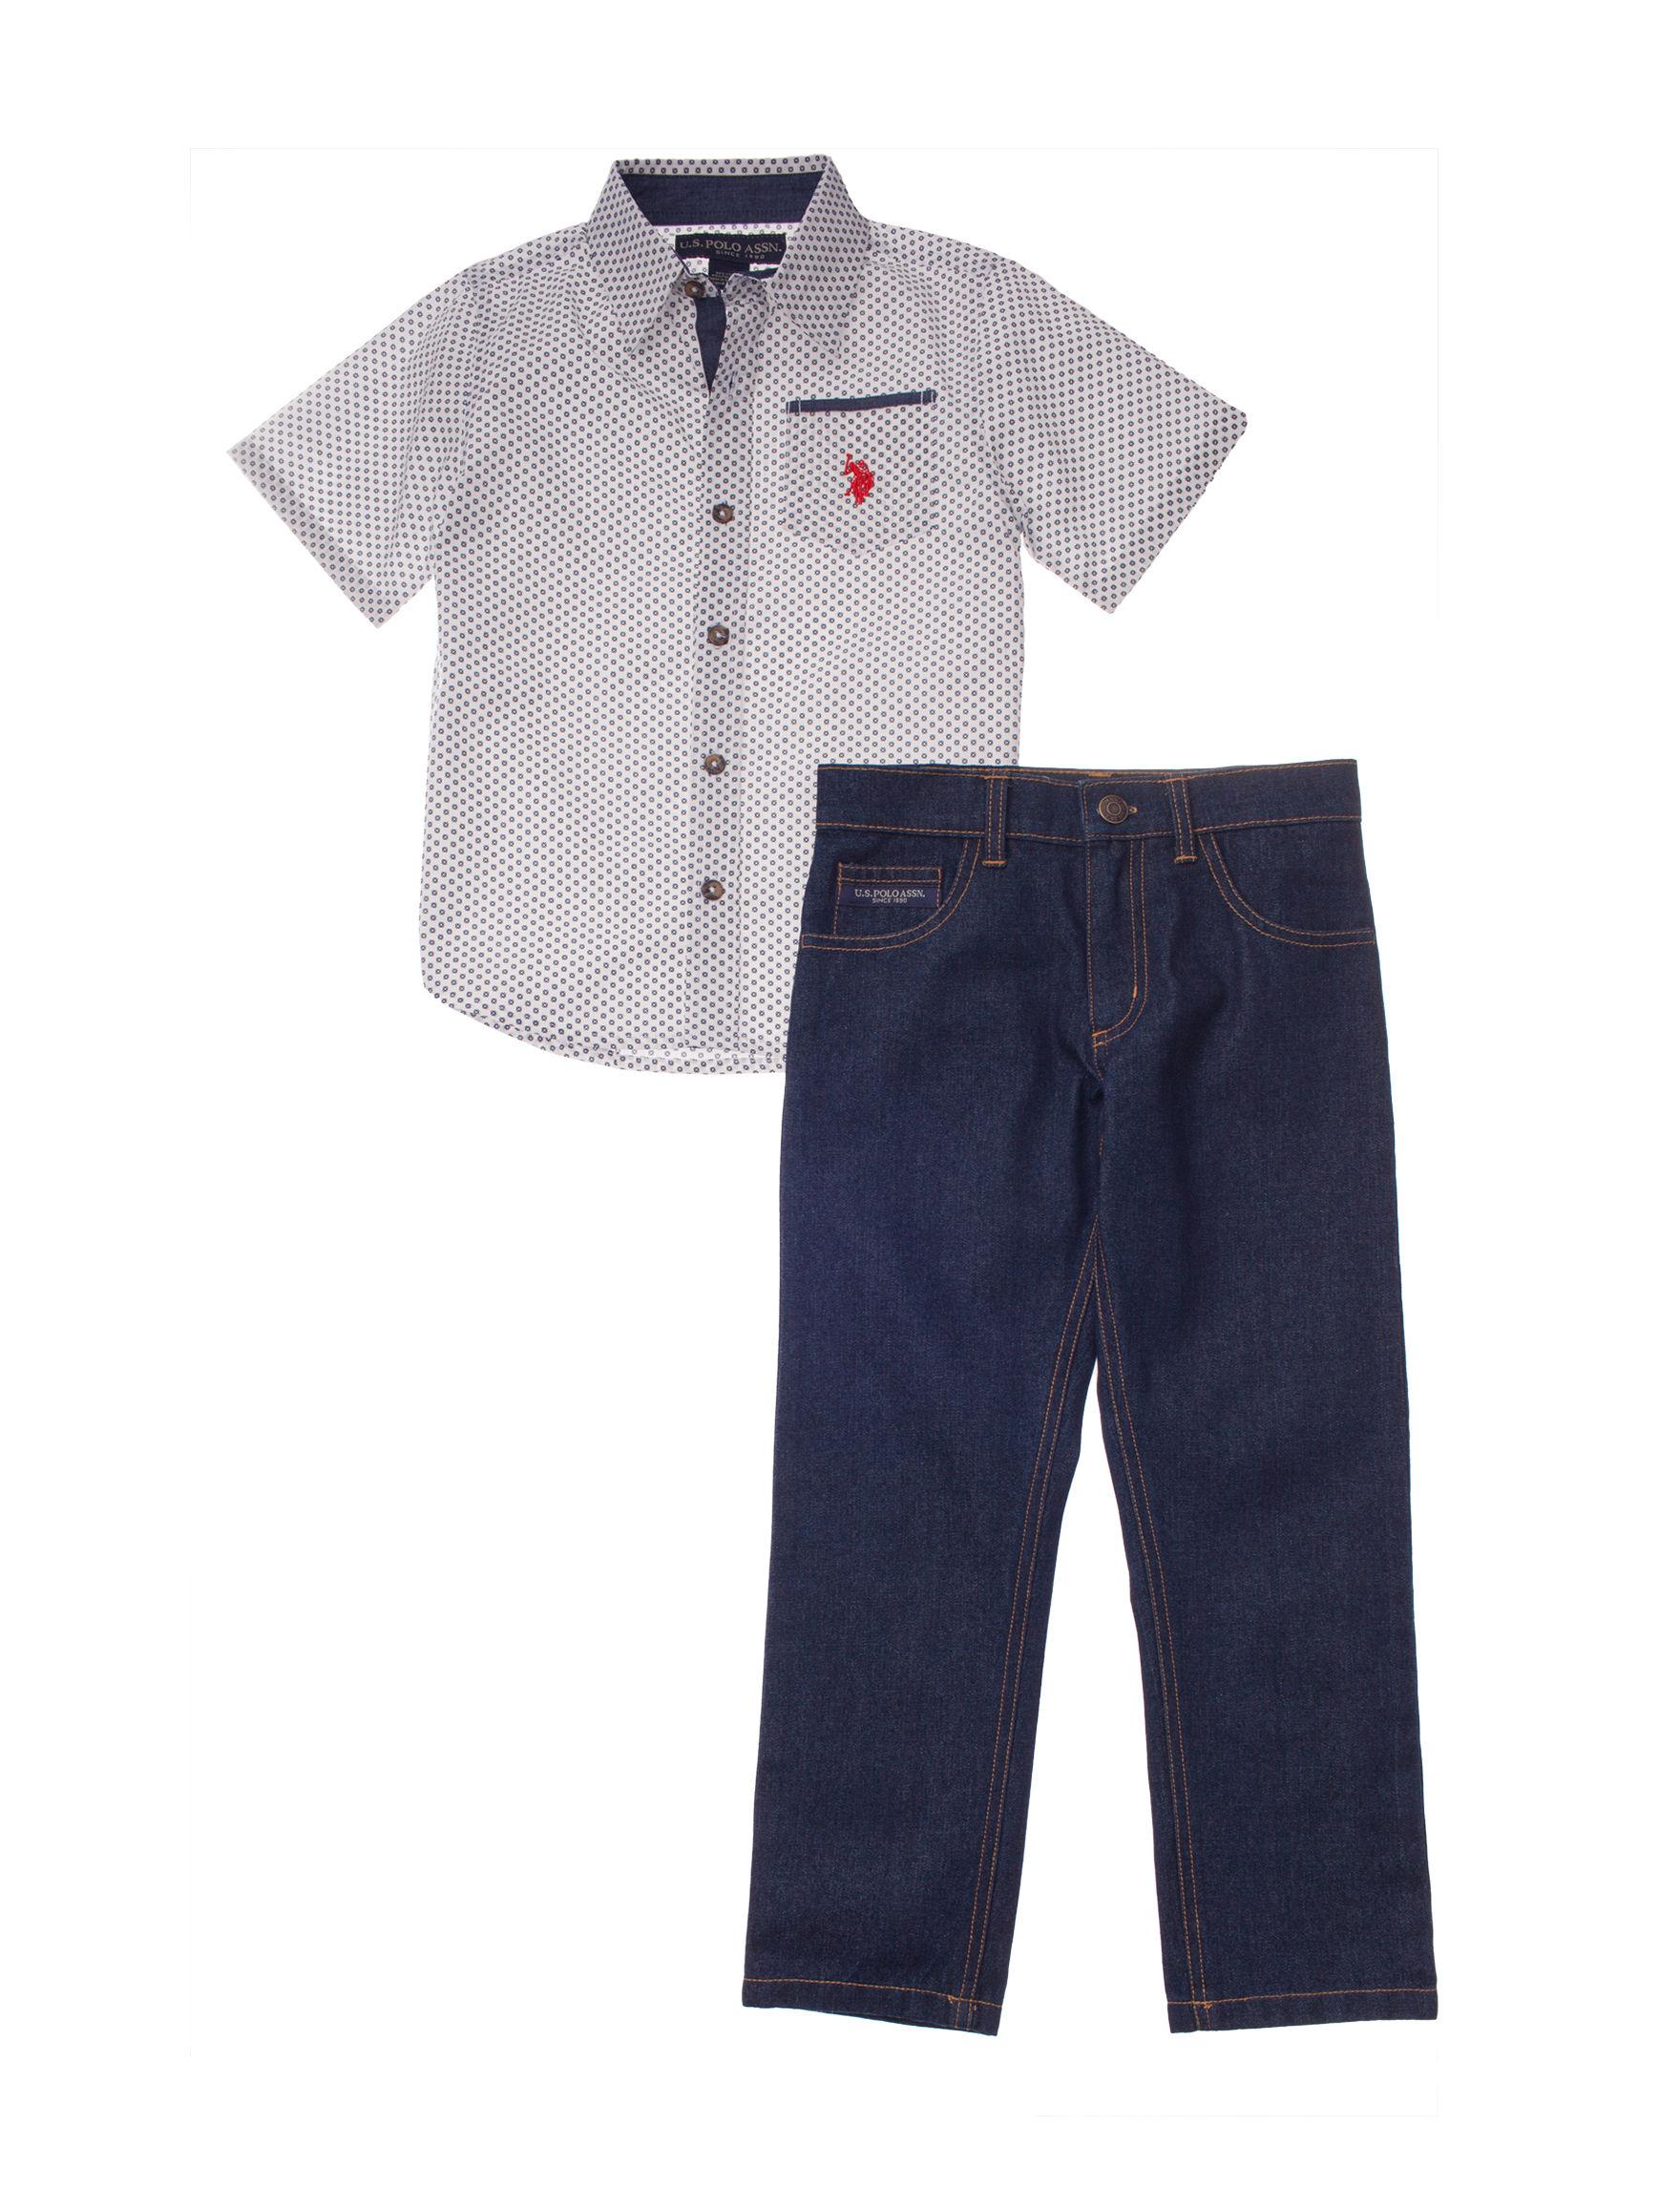 Polo Assn U.S Baby Boys 2 Piece Polo Shirt and Shortall Set